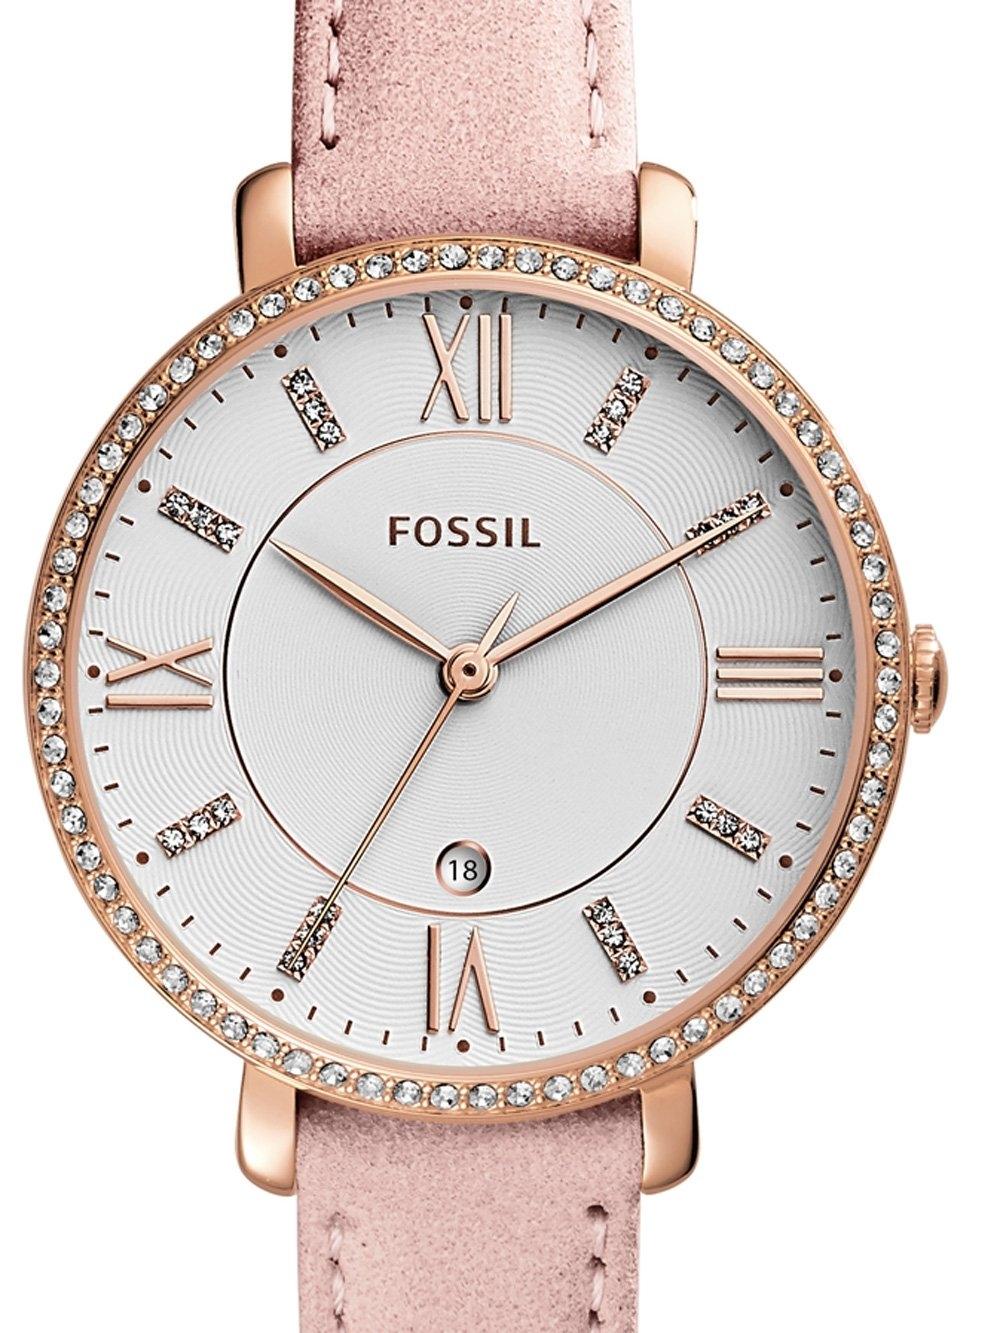 ceas de dama fossil es4303 jacqueline 35mm 3atm title=ceas de dama fossil es4303 jacqueline 35mm 3atm